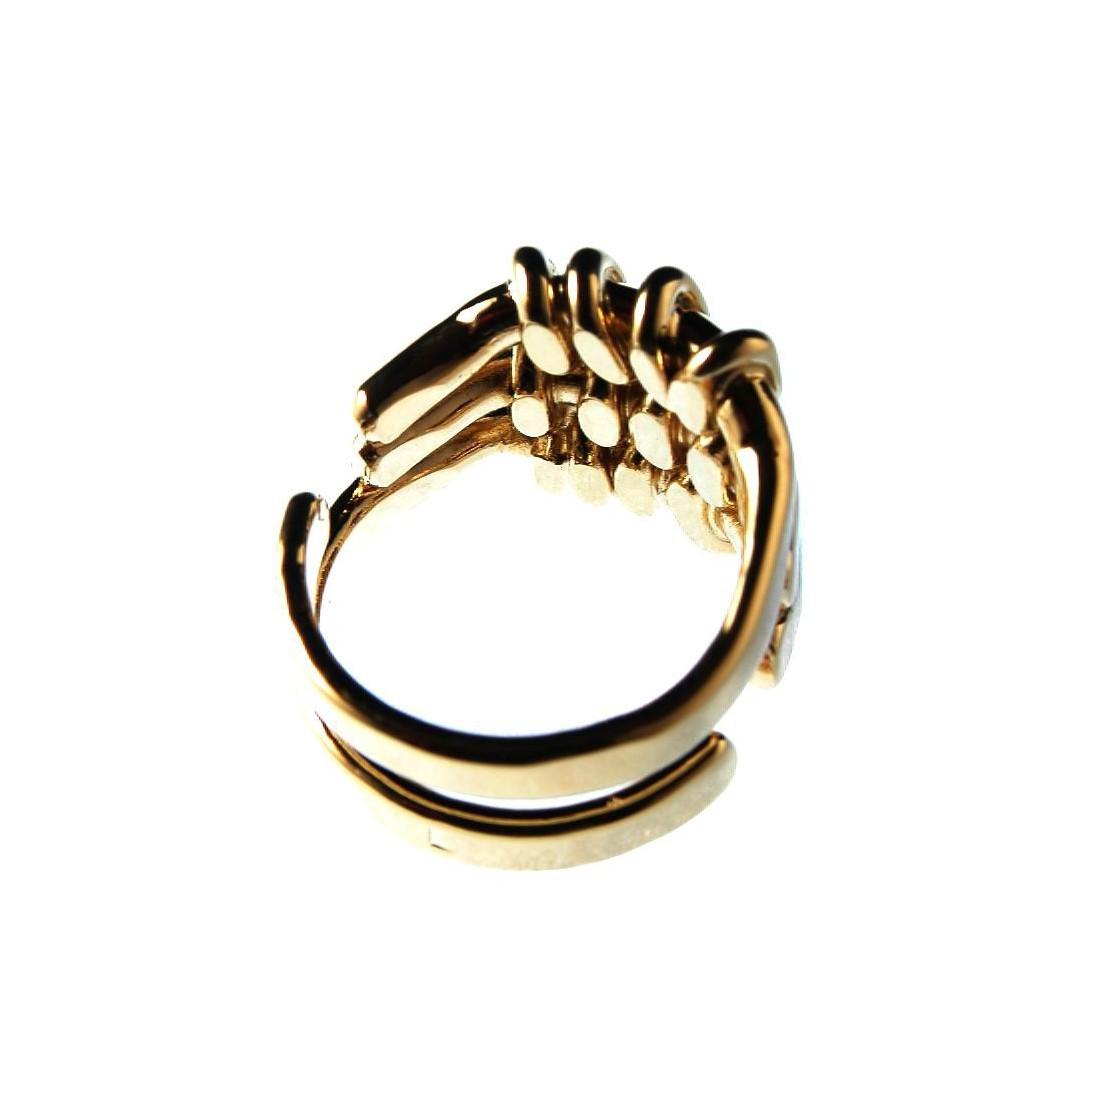 d5ae6f3a5ba78 ... fabriquée en France par artisan d'art · Bague artisanale plaquée or,  création française